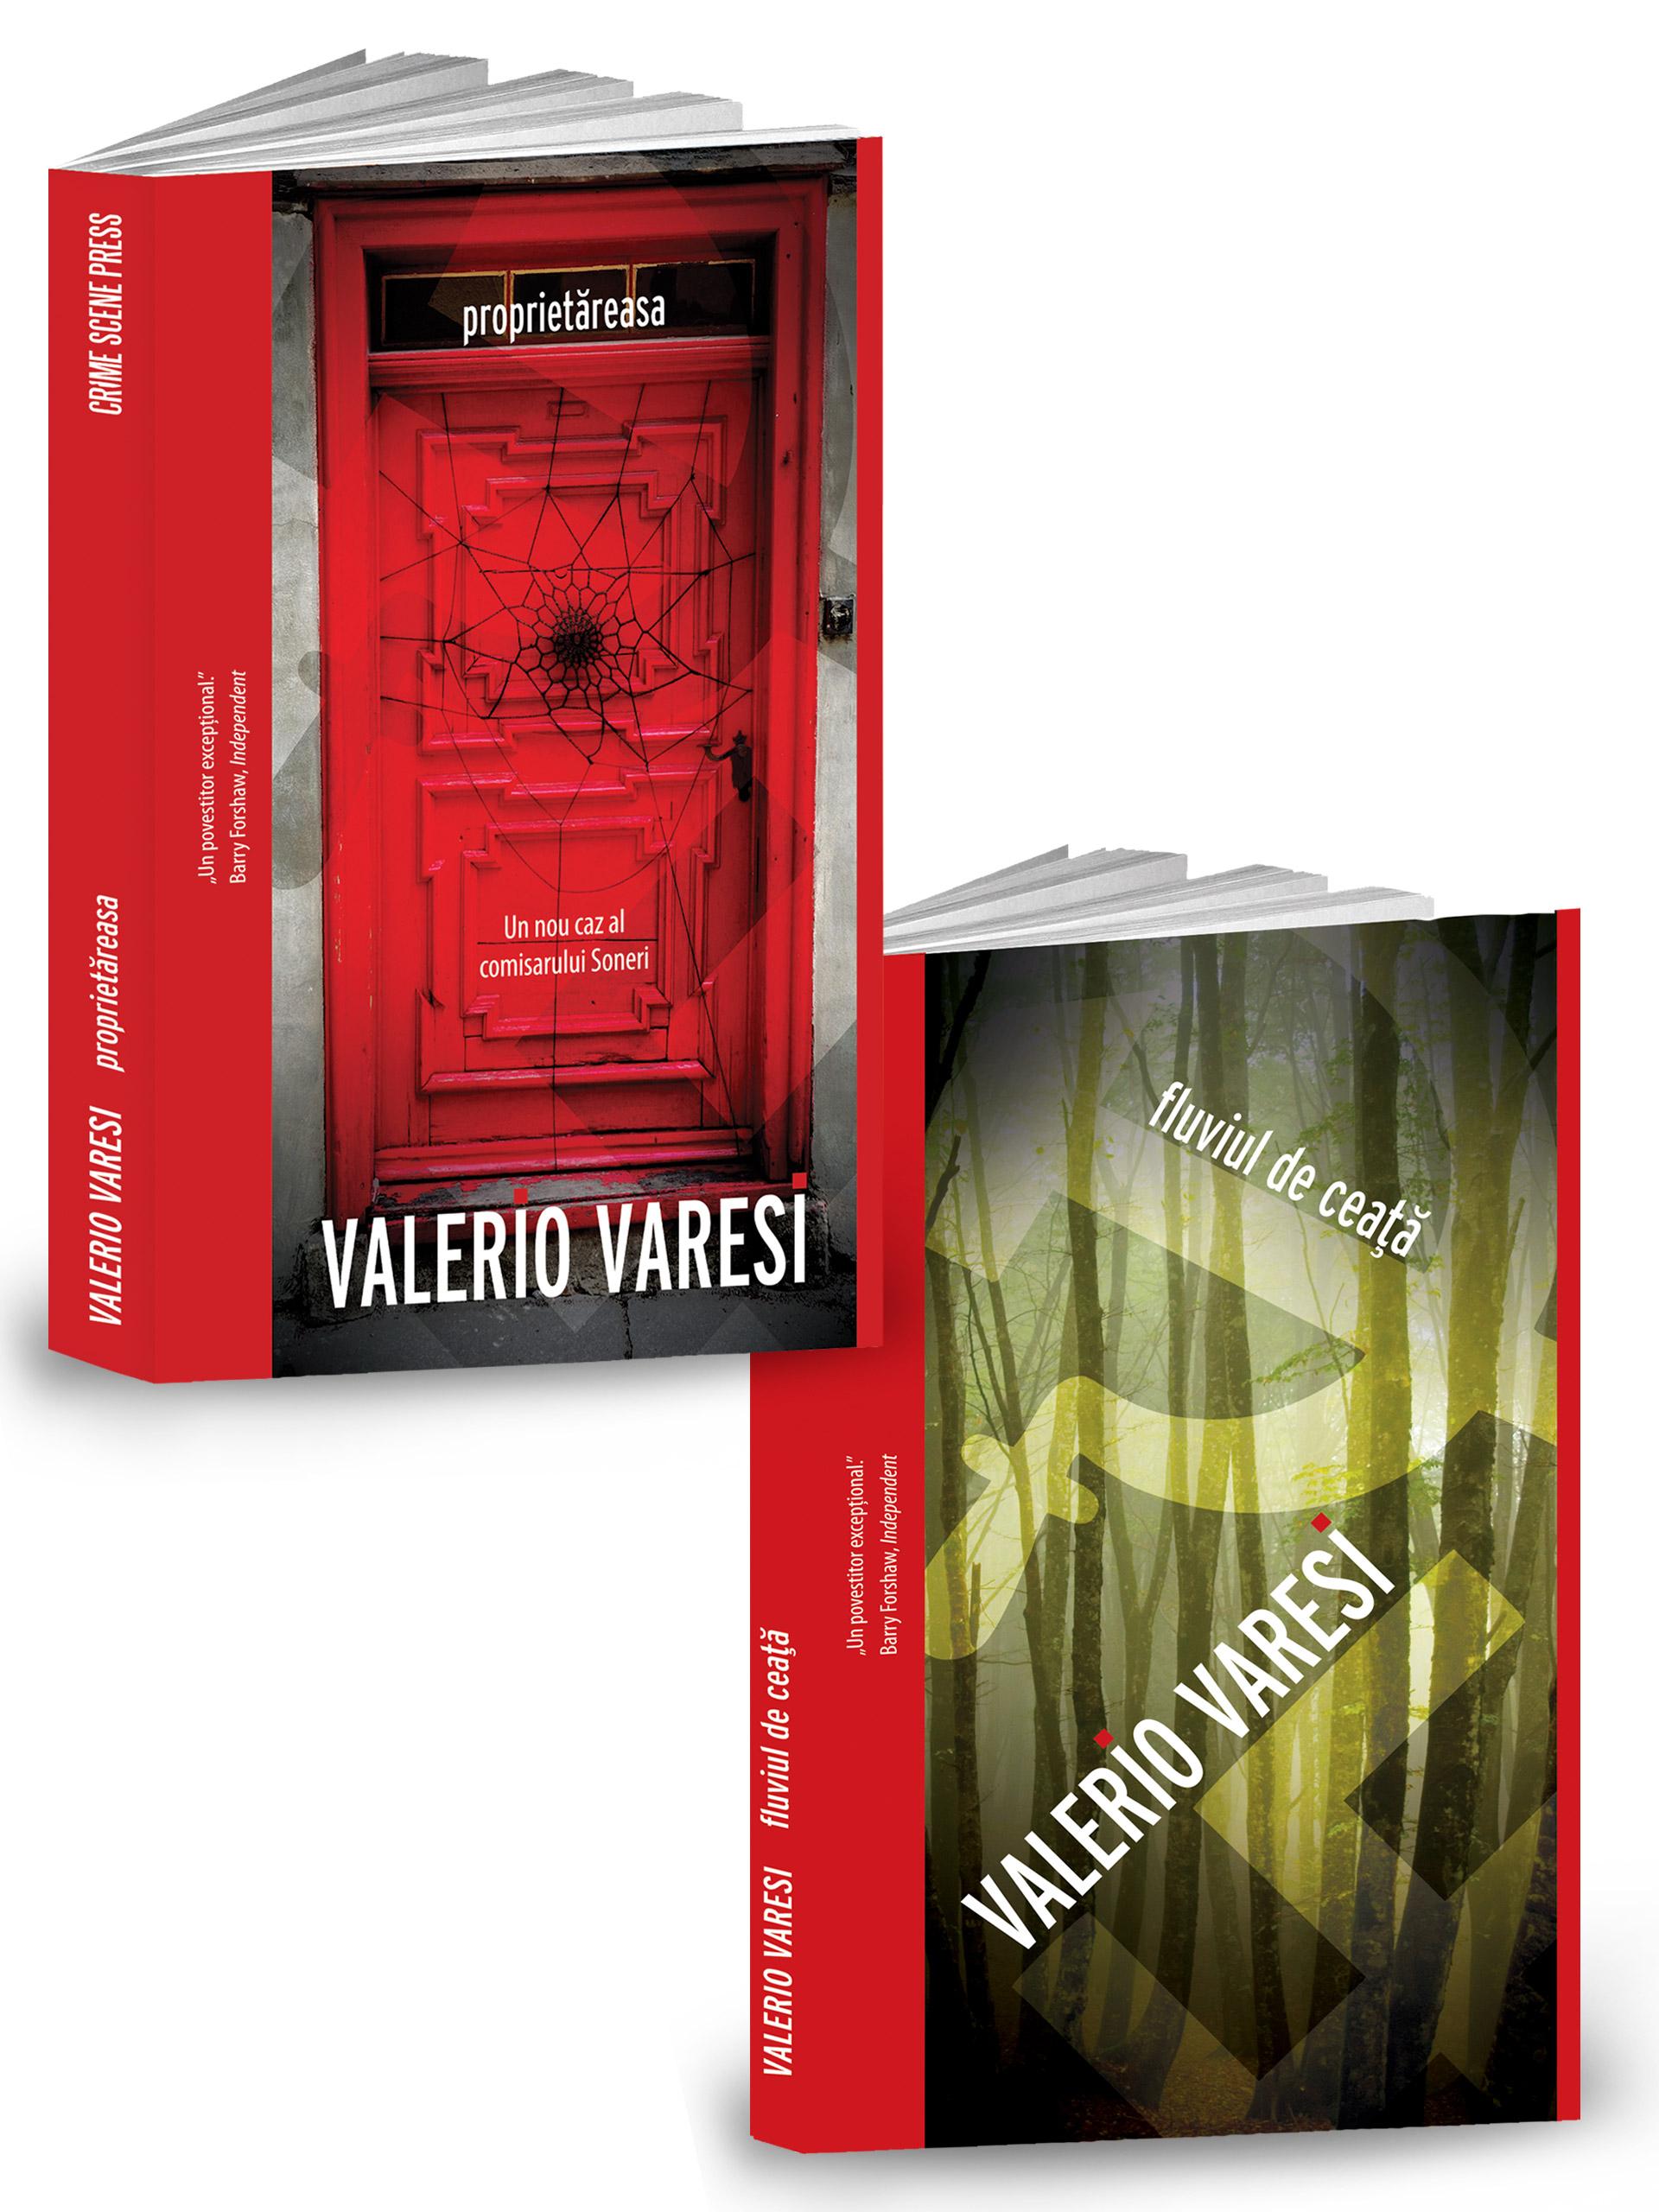 Pachet Valerio Varesi